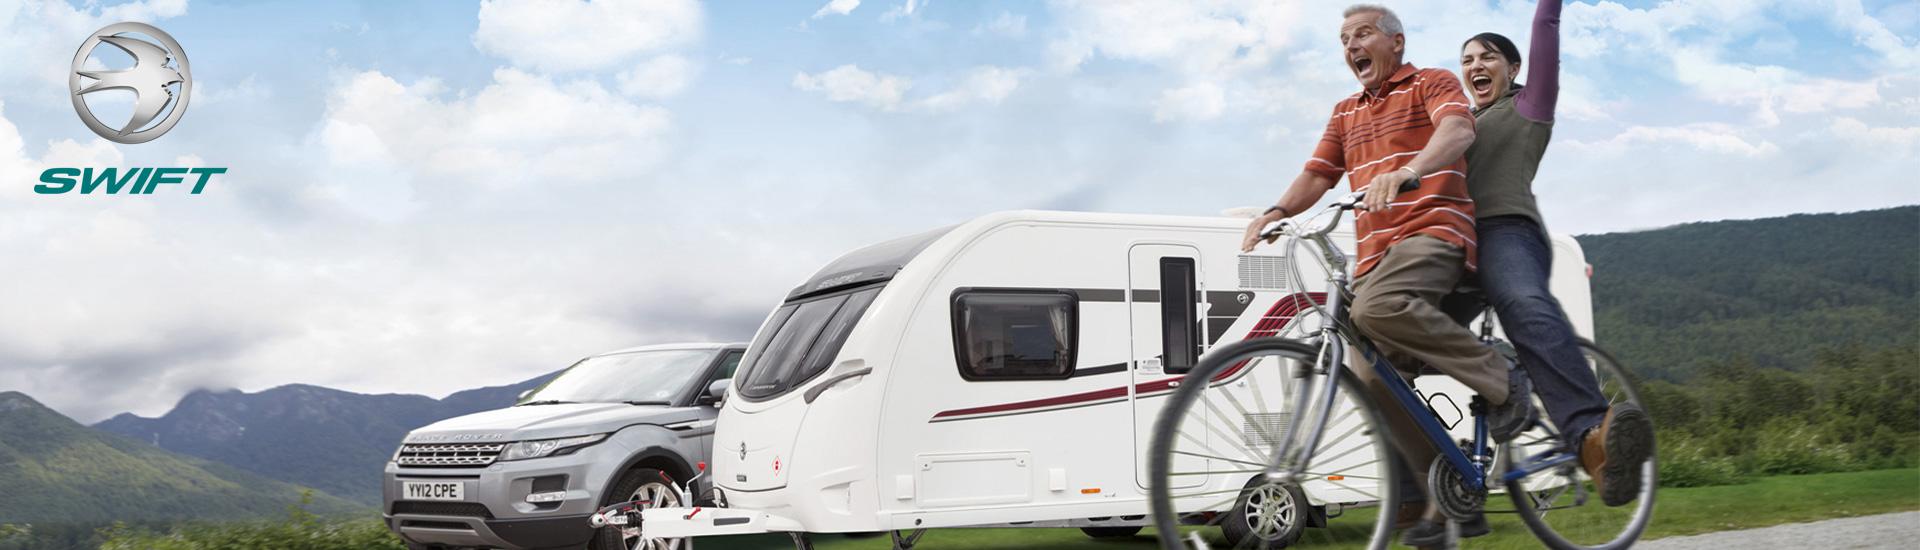 Teesside Swift Caravans